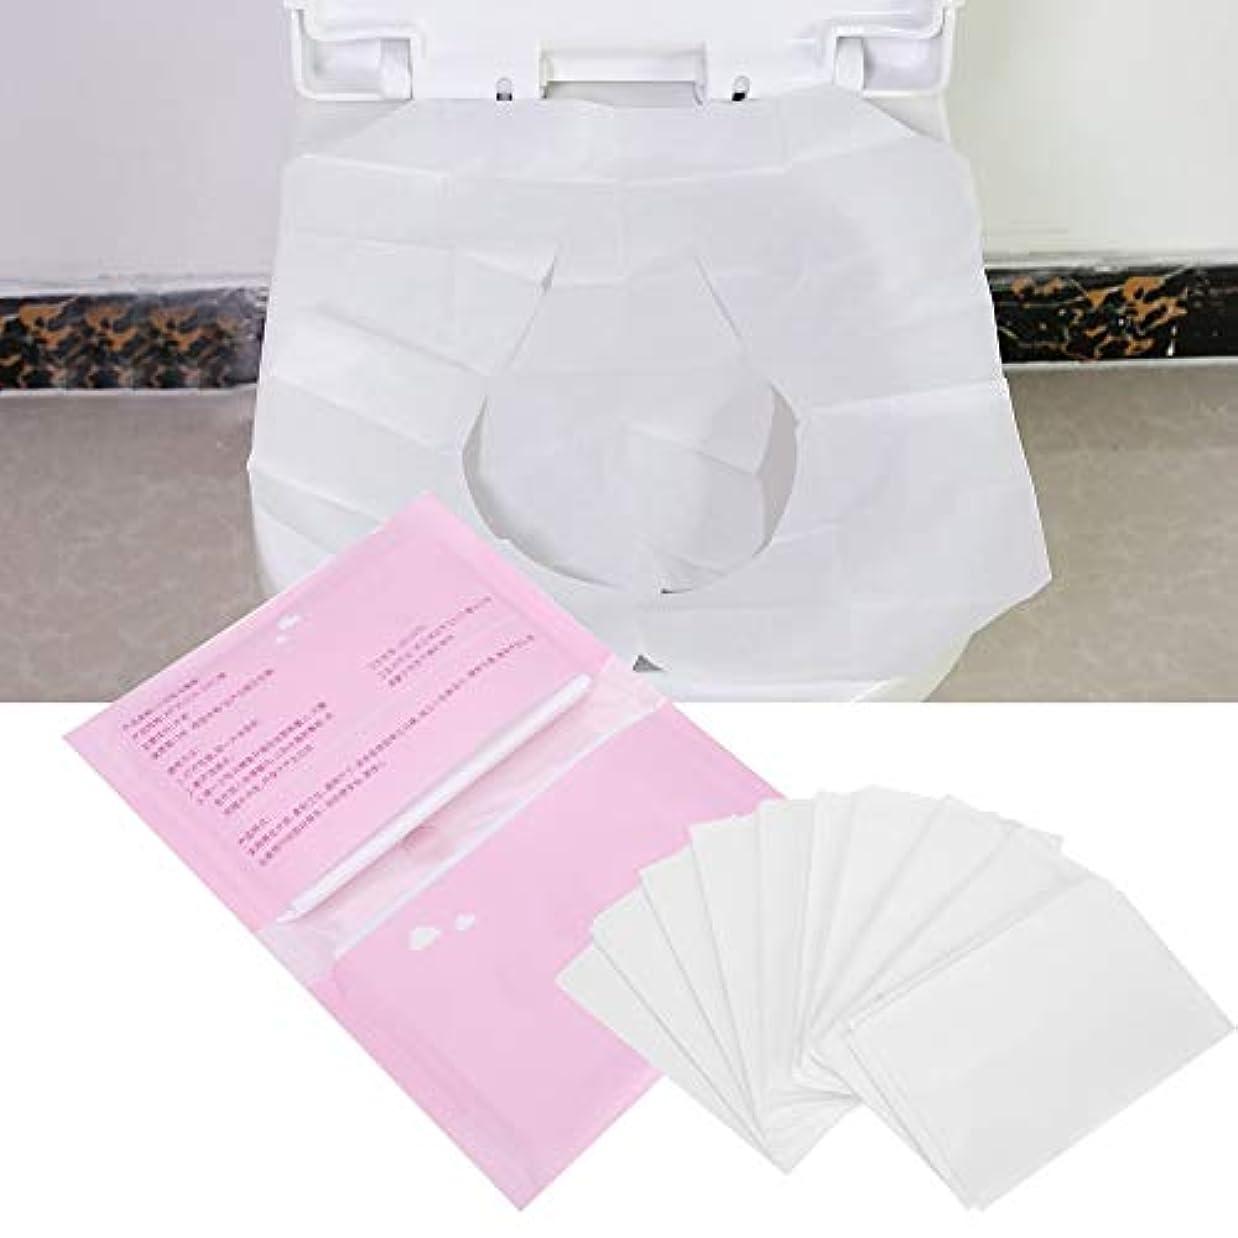 補助金薄暗い時代トイレットシートペーパー、旅行のための5つの袋の使い捨て可能な分解可能なトイレットペーパーペーパー、10pices / bag